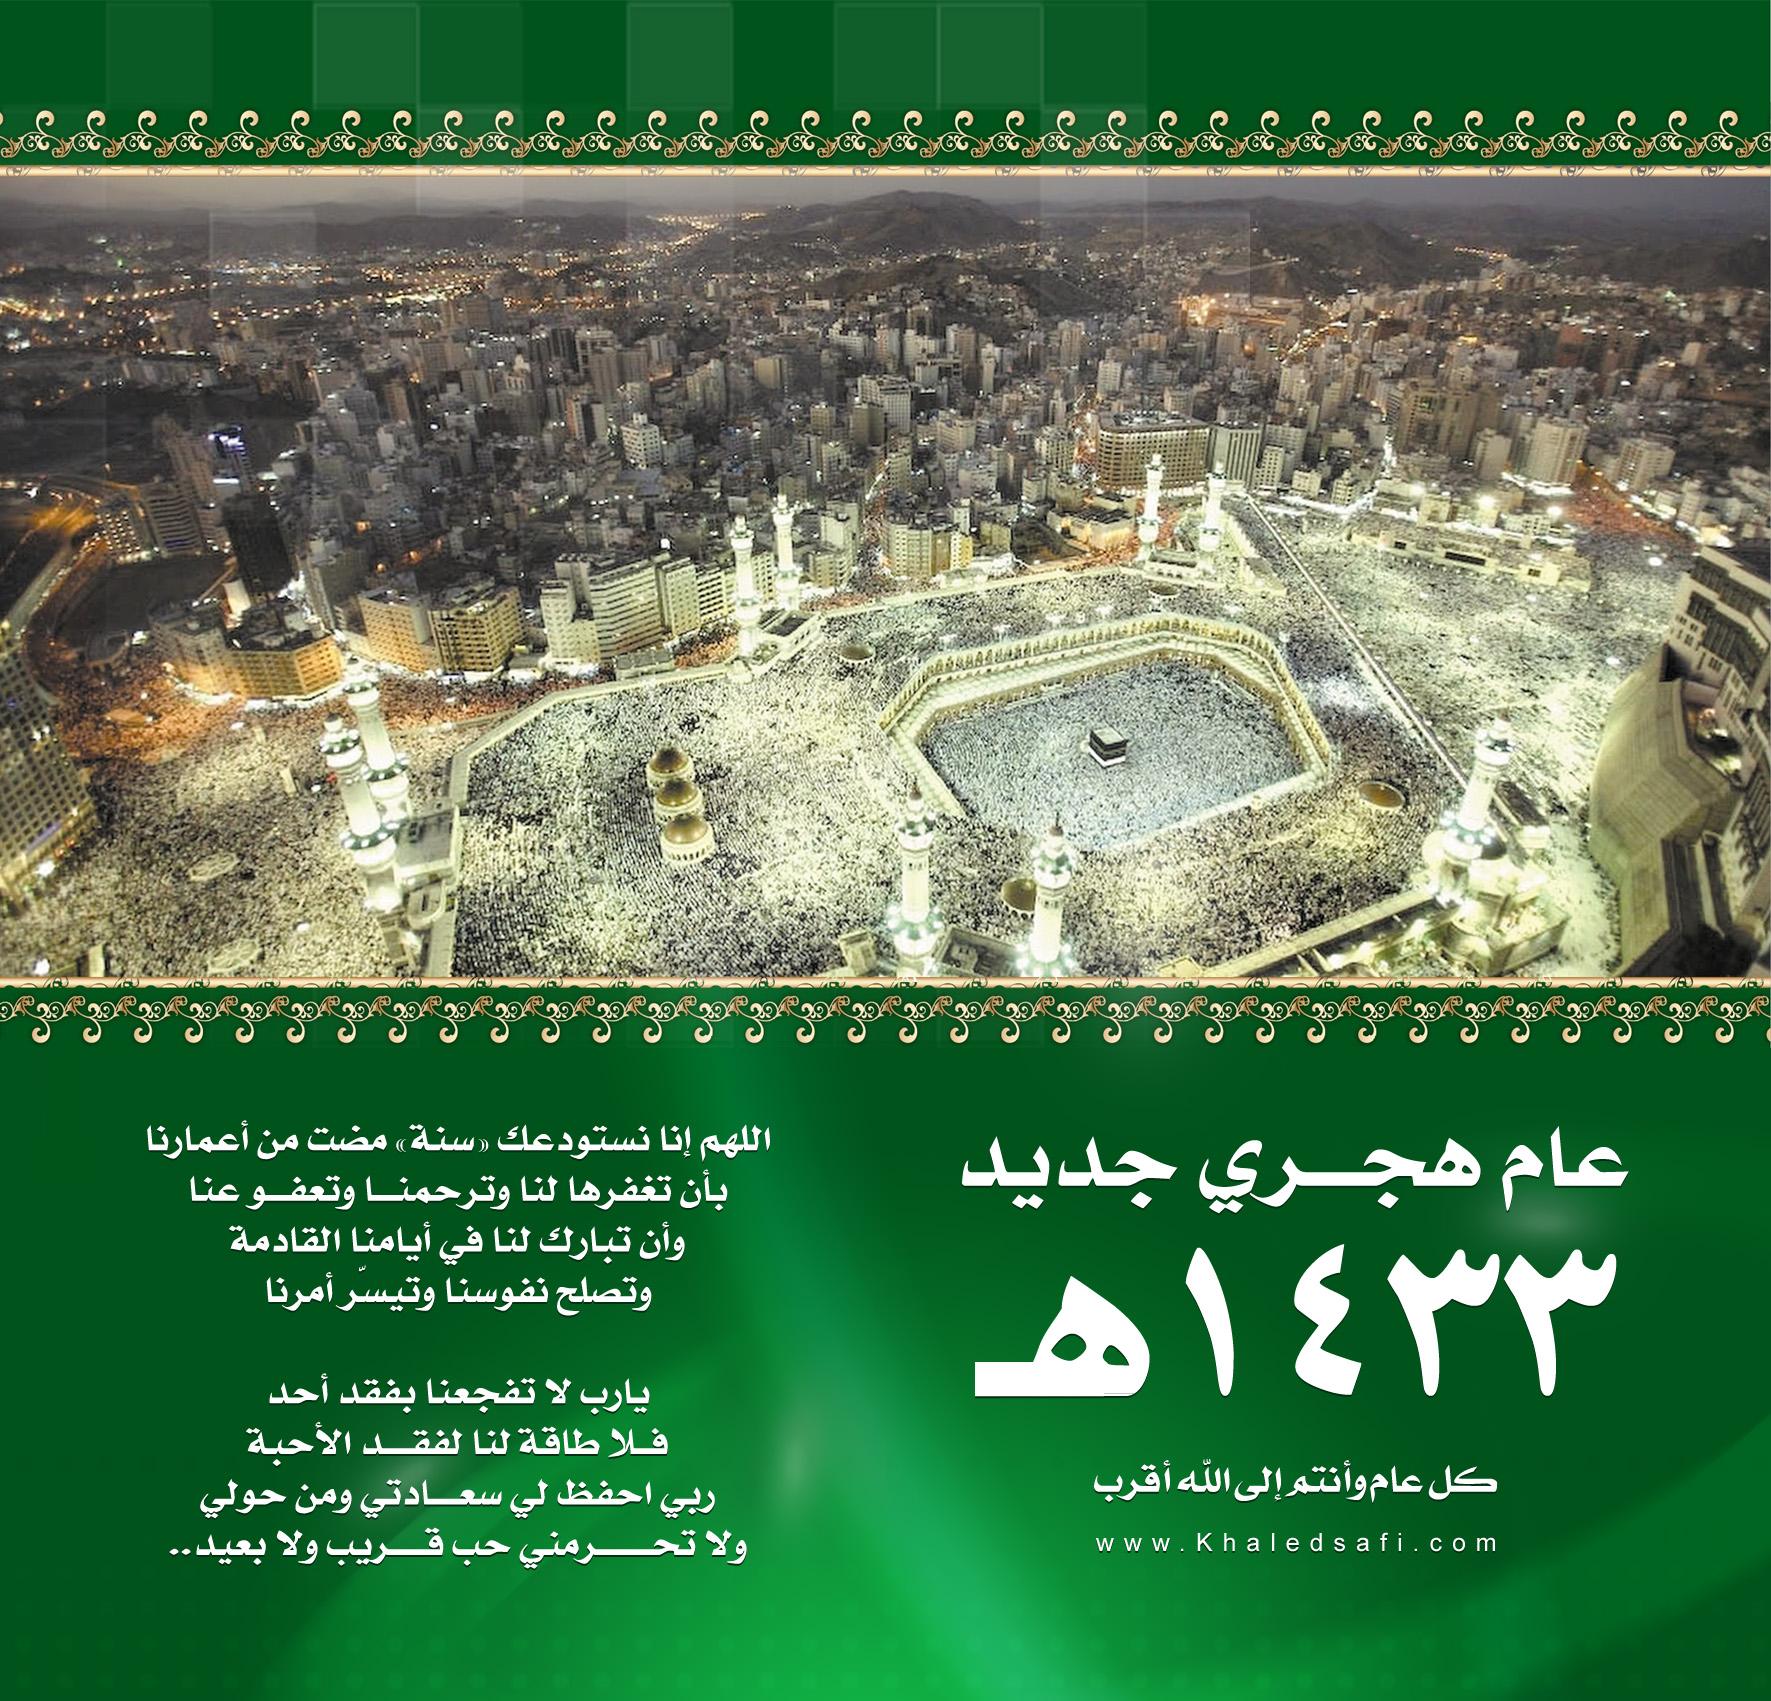 تقبل الله منا ومنكم صالح الطاعات بمناسبة العام الهجري الجديد 1433 هـ